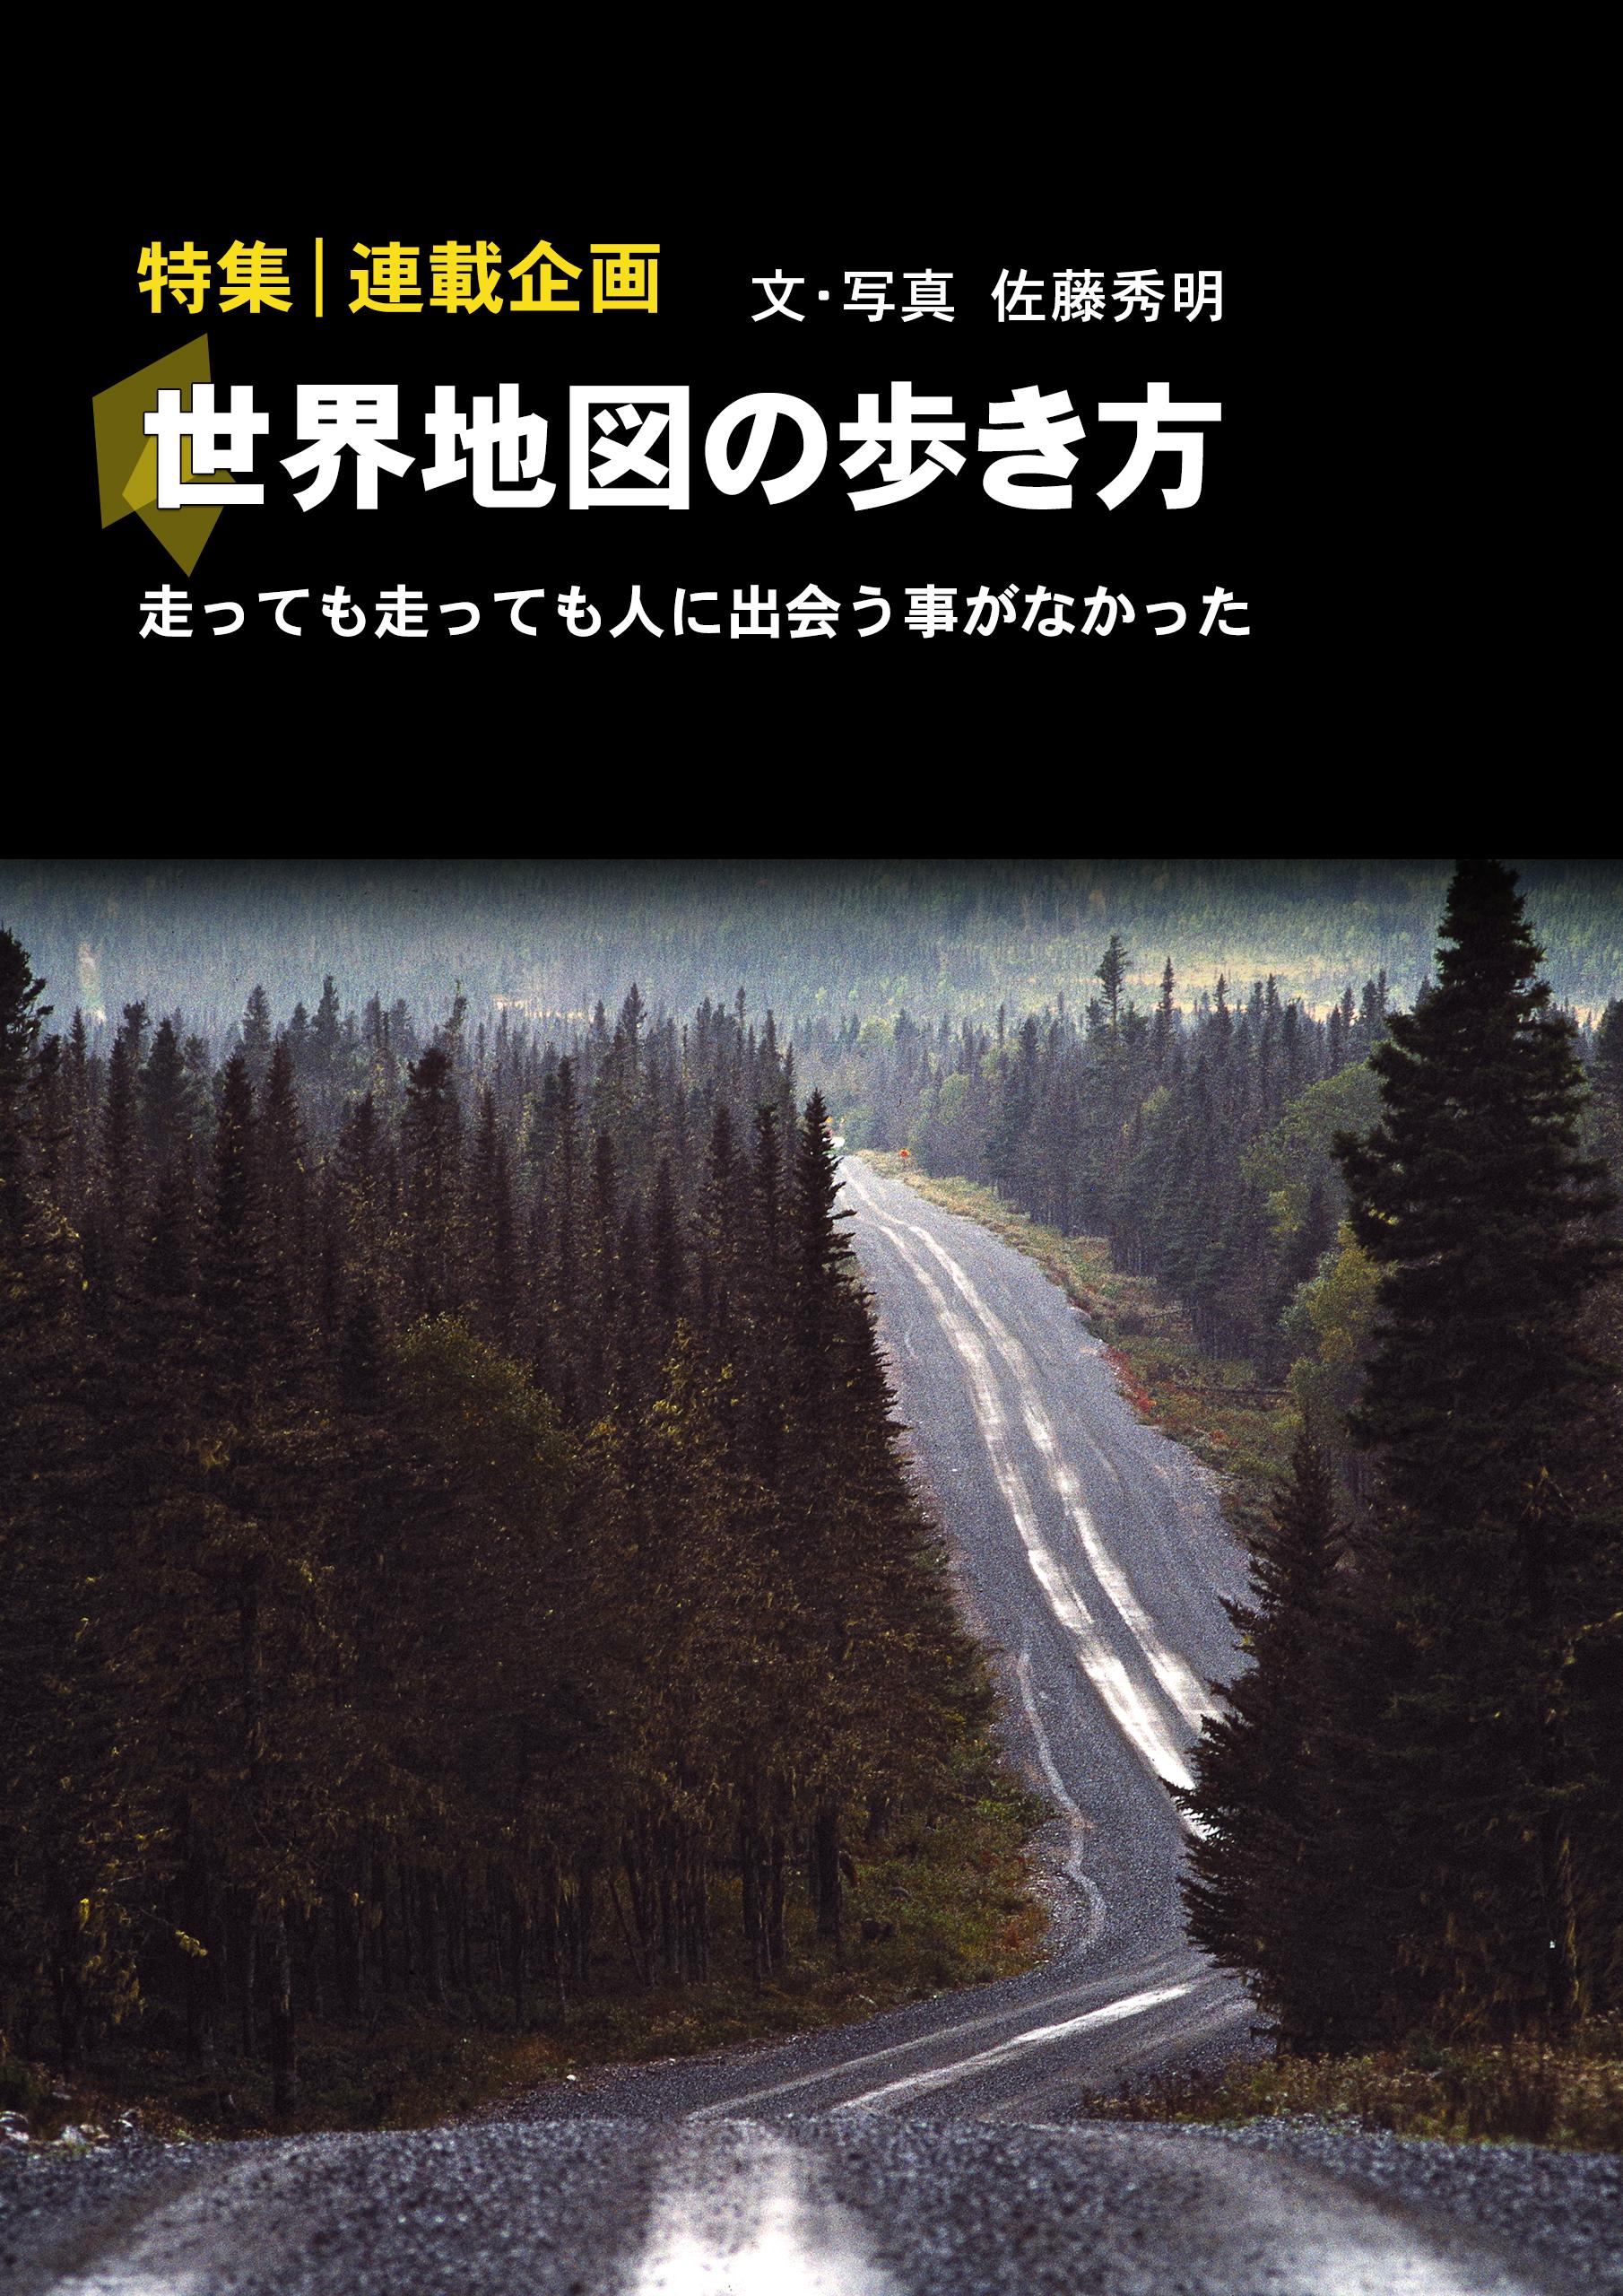 【連載企画】世界地図の歩き方